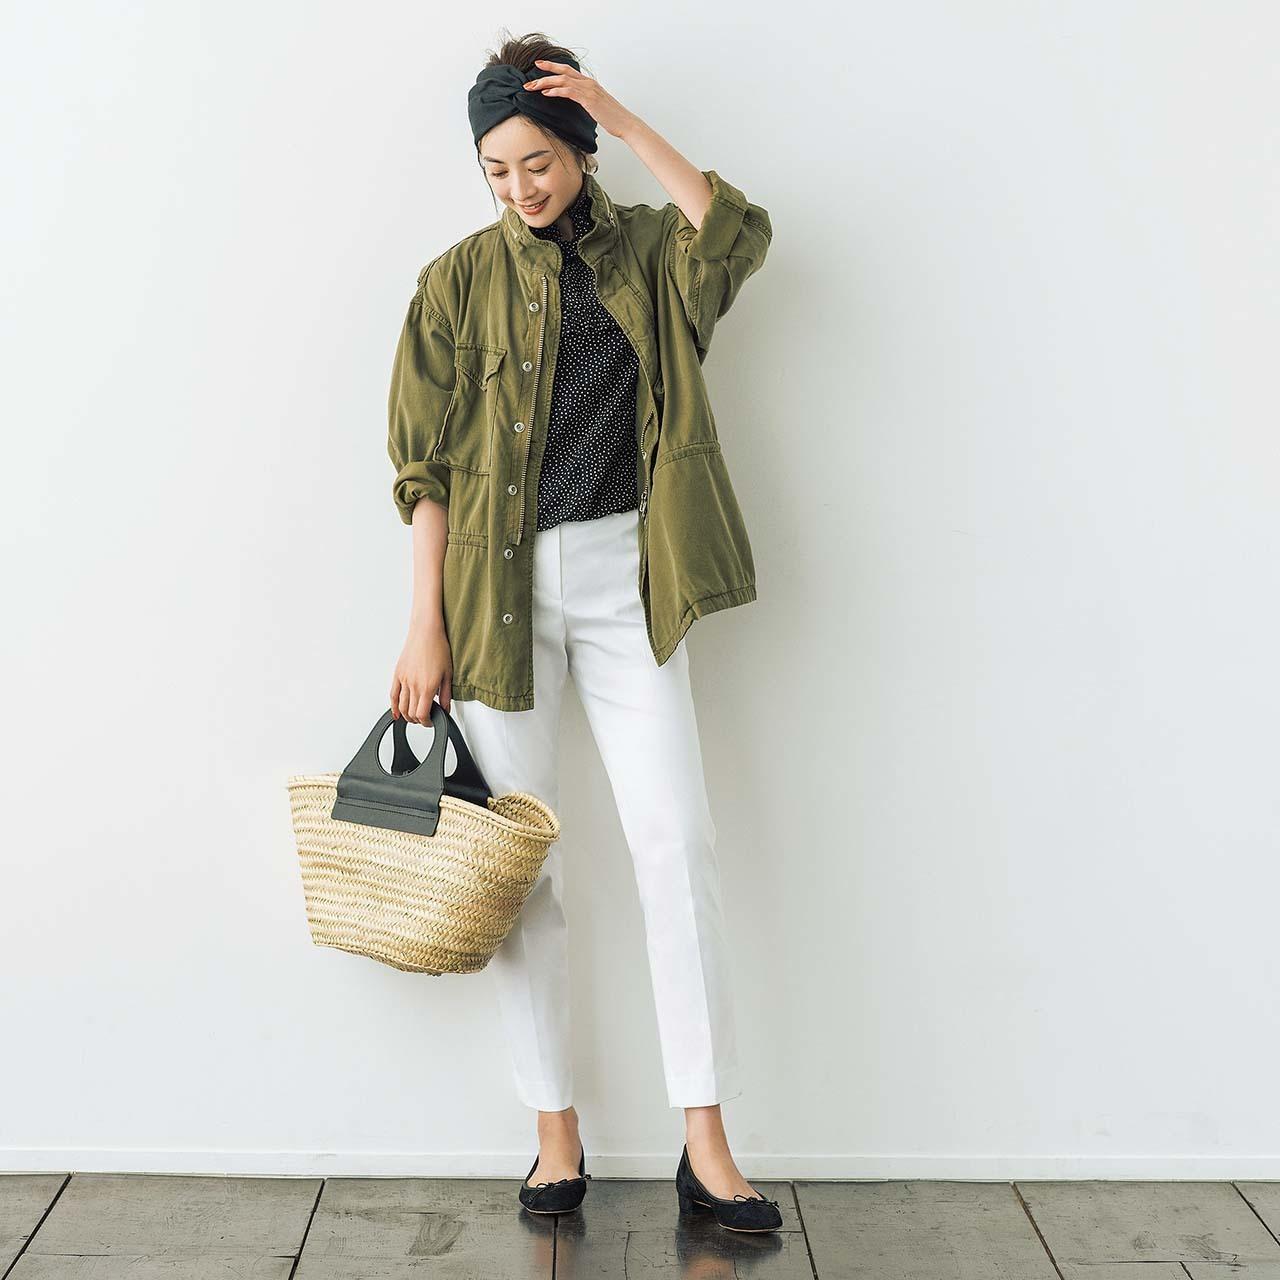 2019年夏、40代に人気のかごバッグは?   アラフォーファッション_1_13